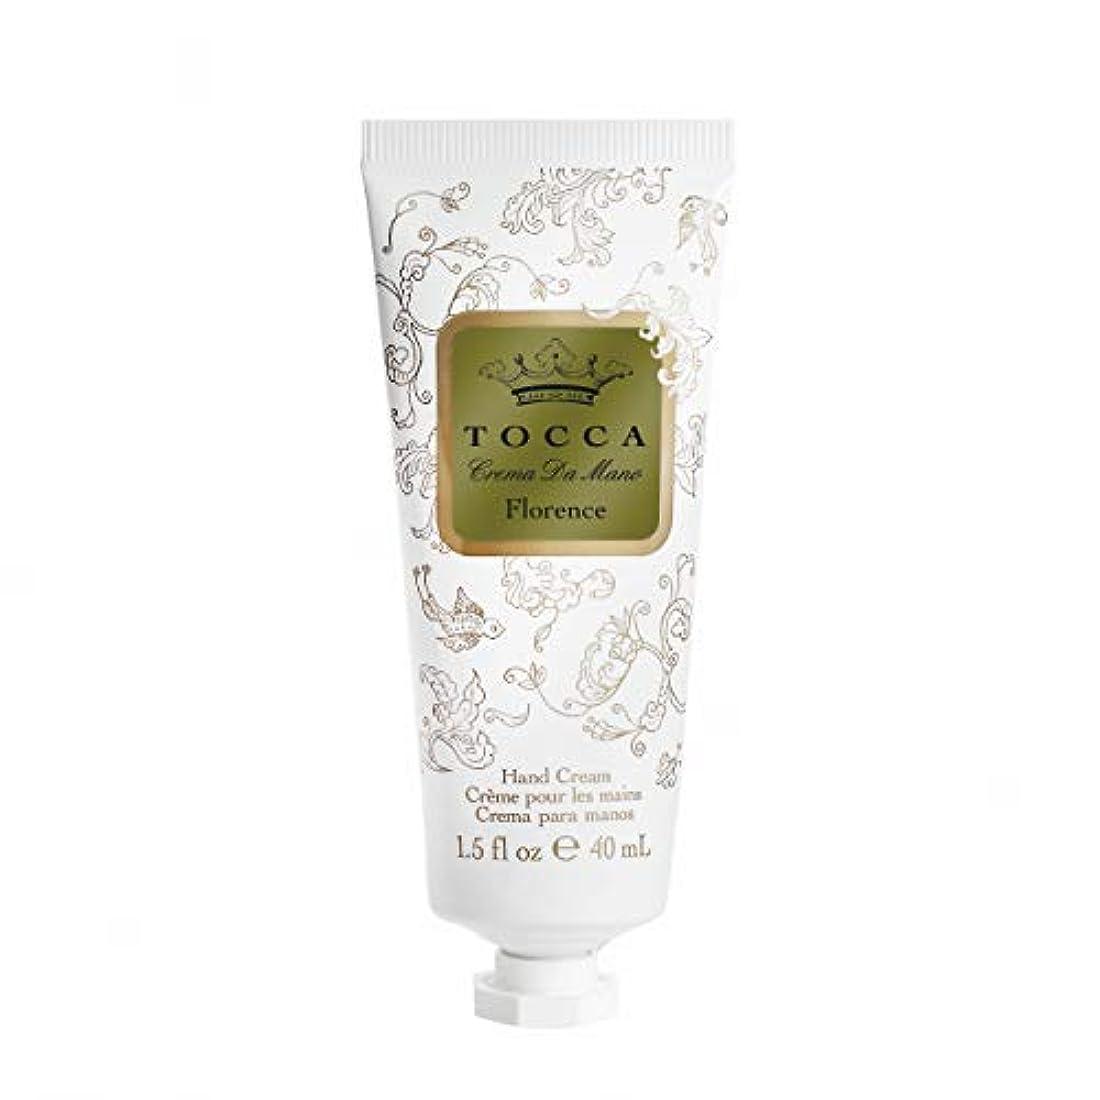 書誌アイロニー無視するトッカ(TOCCA) ハンドクリーム フローレンスの香り 40mL (ガーデニアとベルガモットが誘うように溶け合うどこまでも上品なフローラルの香り)